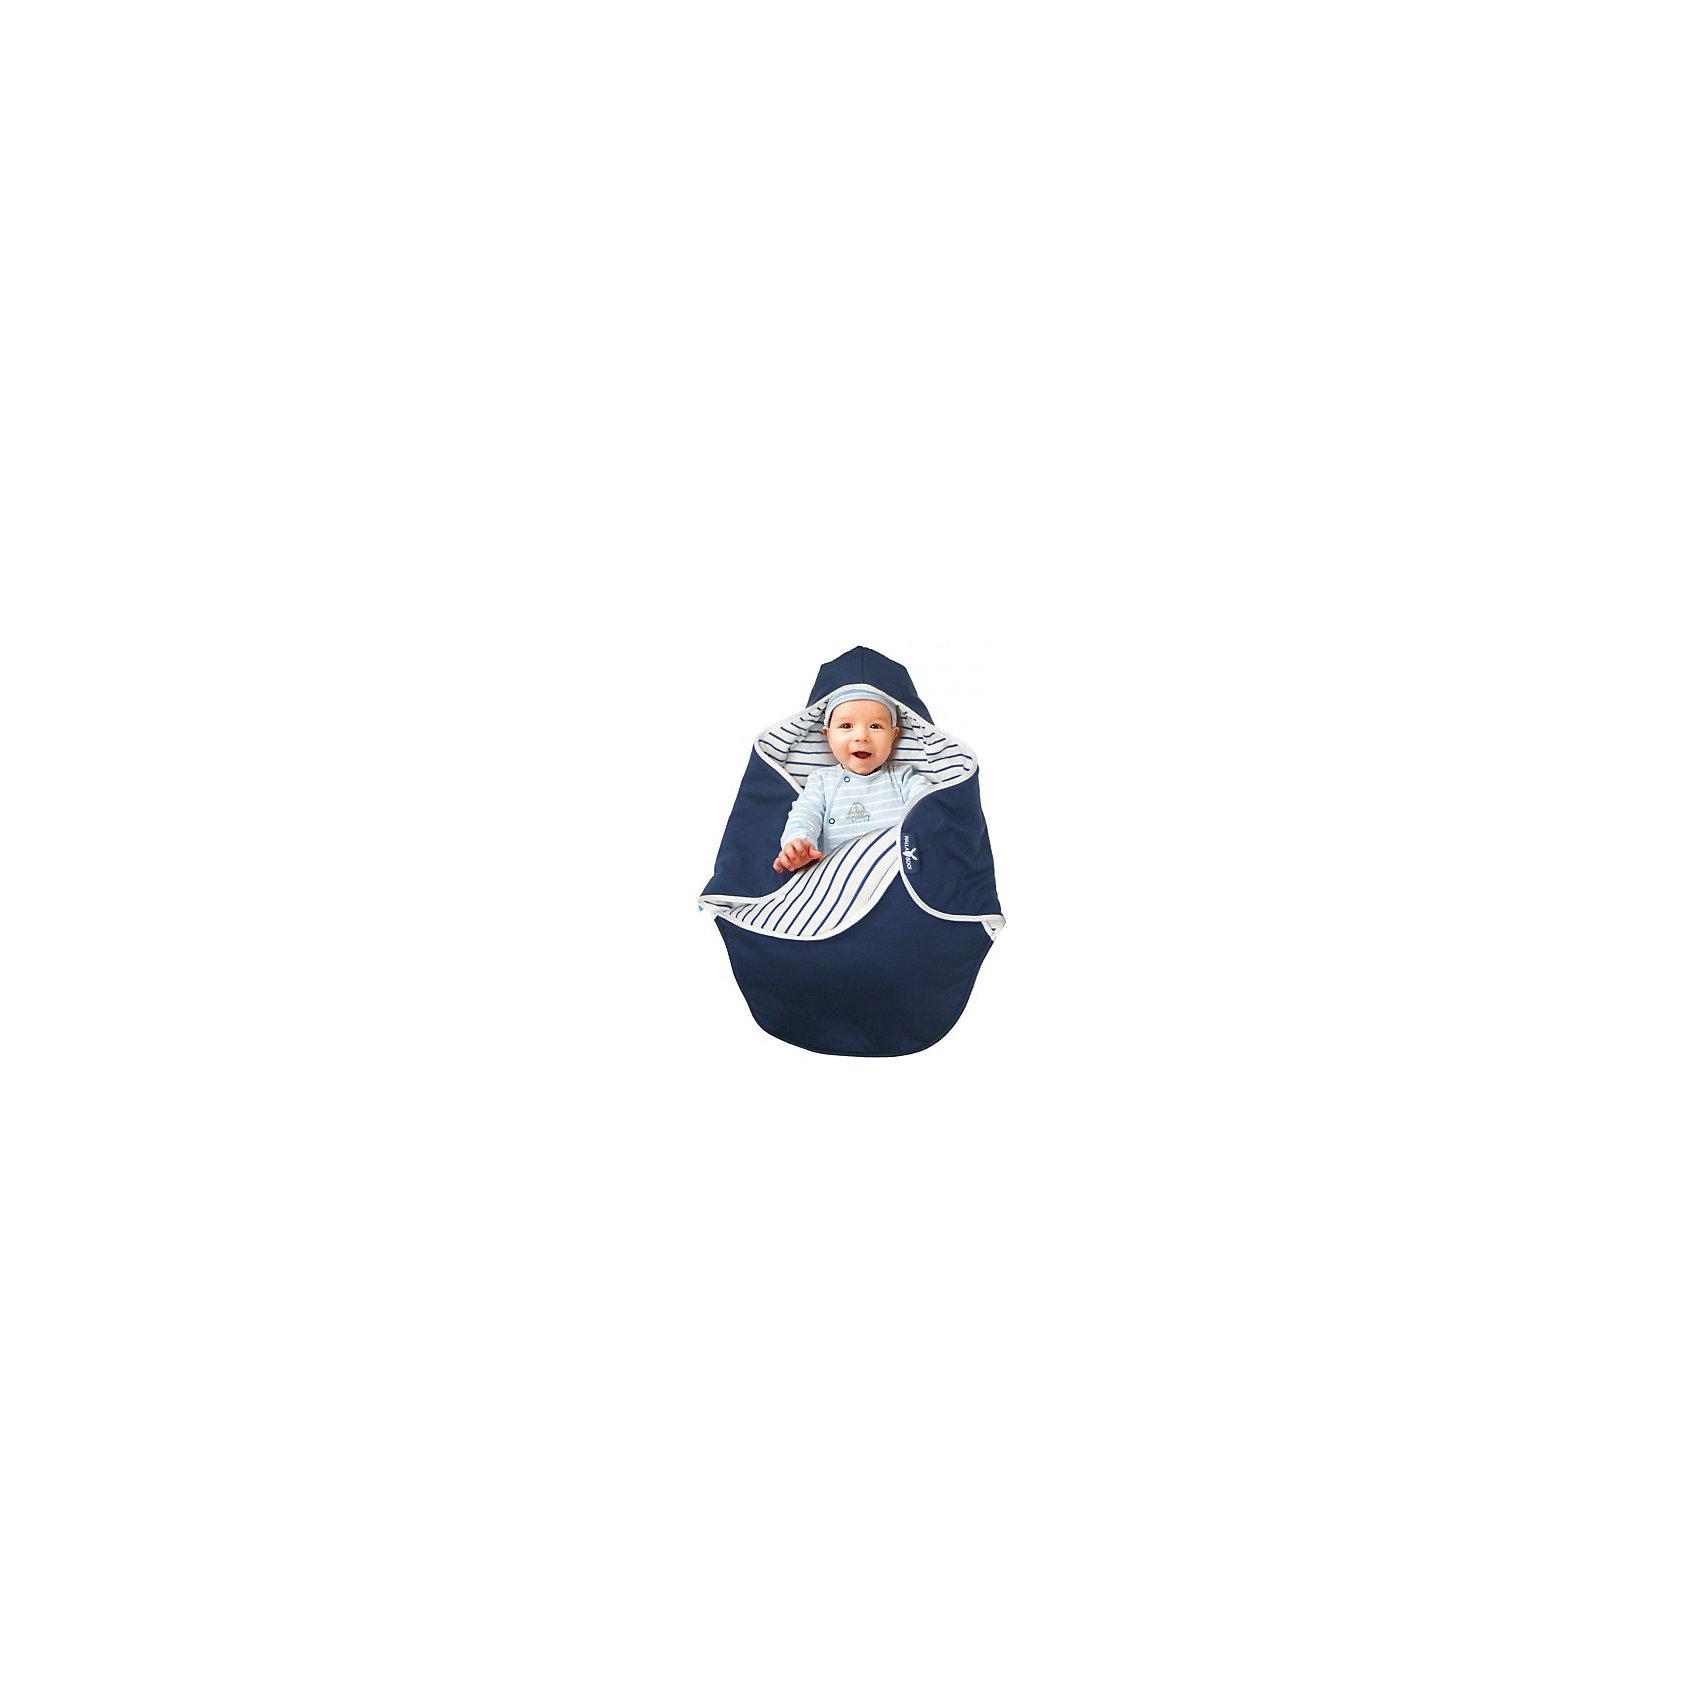 Конверт Кокон двусторон Морская коллекция, Wallaboo, синийКонверт Кокон двусторон Морская коллекция, Wallaboo, синий – красота и комфорт для самых маленьких.<br>Удобный, безопасный, мягкий двусторонний конверт-кокон идеальный выбор для современной мамы. Внешний и внутренний слой конверта изготовлен из 100% х/б трикотажа, поэтому к телу малыша будет прилегать только натуральный материал. Прослойка синтепон. Конверт не пропускает холодный воздух, но позволяет дышать нежной коже малыша. Можно использовать можно обе стороны конверта. Конверт-кокон удобен тем, что у него нет застежек, липучек, кнопок, он просто запахивается и таким образом обнимает малыша. Предусмотрен теплый карман для свободного размещения ножек ребенка и уютный капюшон для головки малыша в верхней части конверта. Крылышки конверта позволяют запеленать ручки малыша. С конвертом-коконом вы сможете собраться на прогулку в несколько раз быстрее. Конверт подходит для авто-кресла, так как имеет отверстие для ремня безопасности. Поездка, прогулка или просто сон в кроватке будет приятным вместе с конвертом-коконом!<br><br>Дополнительная информация:<br><br>- Для детей с рождения до 10-ти месяцев<br>- Внутренний и внешний слой: 100% хлопок<br>- Прослойка: синтепон (60гр.)<br>- Размер: 90х70 см.<br>- Безопасность подтверждена европейским сертификатом (CEN-TR 13387) качества на соответствие мировым стандартам, применяемым к детским товарам<br>- Уход: машинная стирка при температуре 40 градусов<br><br>Конверт Кокон двусторон Морская коллекция, Wallaboo, синий можно купить в нашем интернет-магазине.<br><br>Ширина мм: 800<br>Глубина мм: 800<br>Высота мм: 50<br>Вес г: 500<br>Возраст от месяцев: 0<br>Возраст до месяцев: 12<br>Пол: Унисекс<br>Возраст: Детский<br>SKU: 4925440